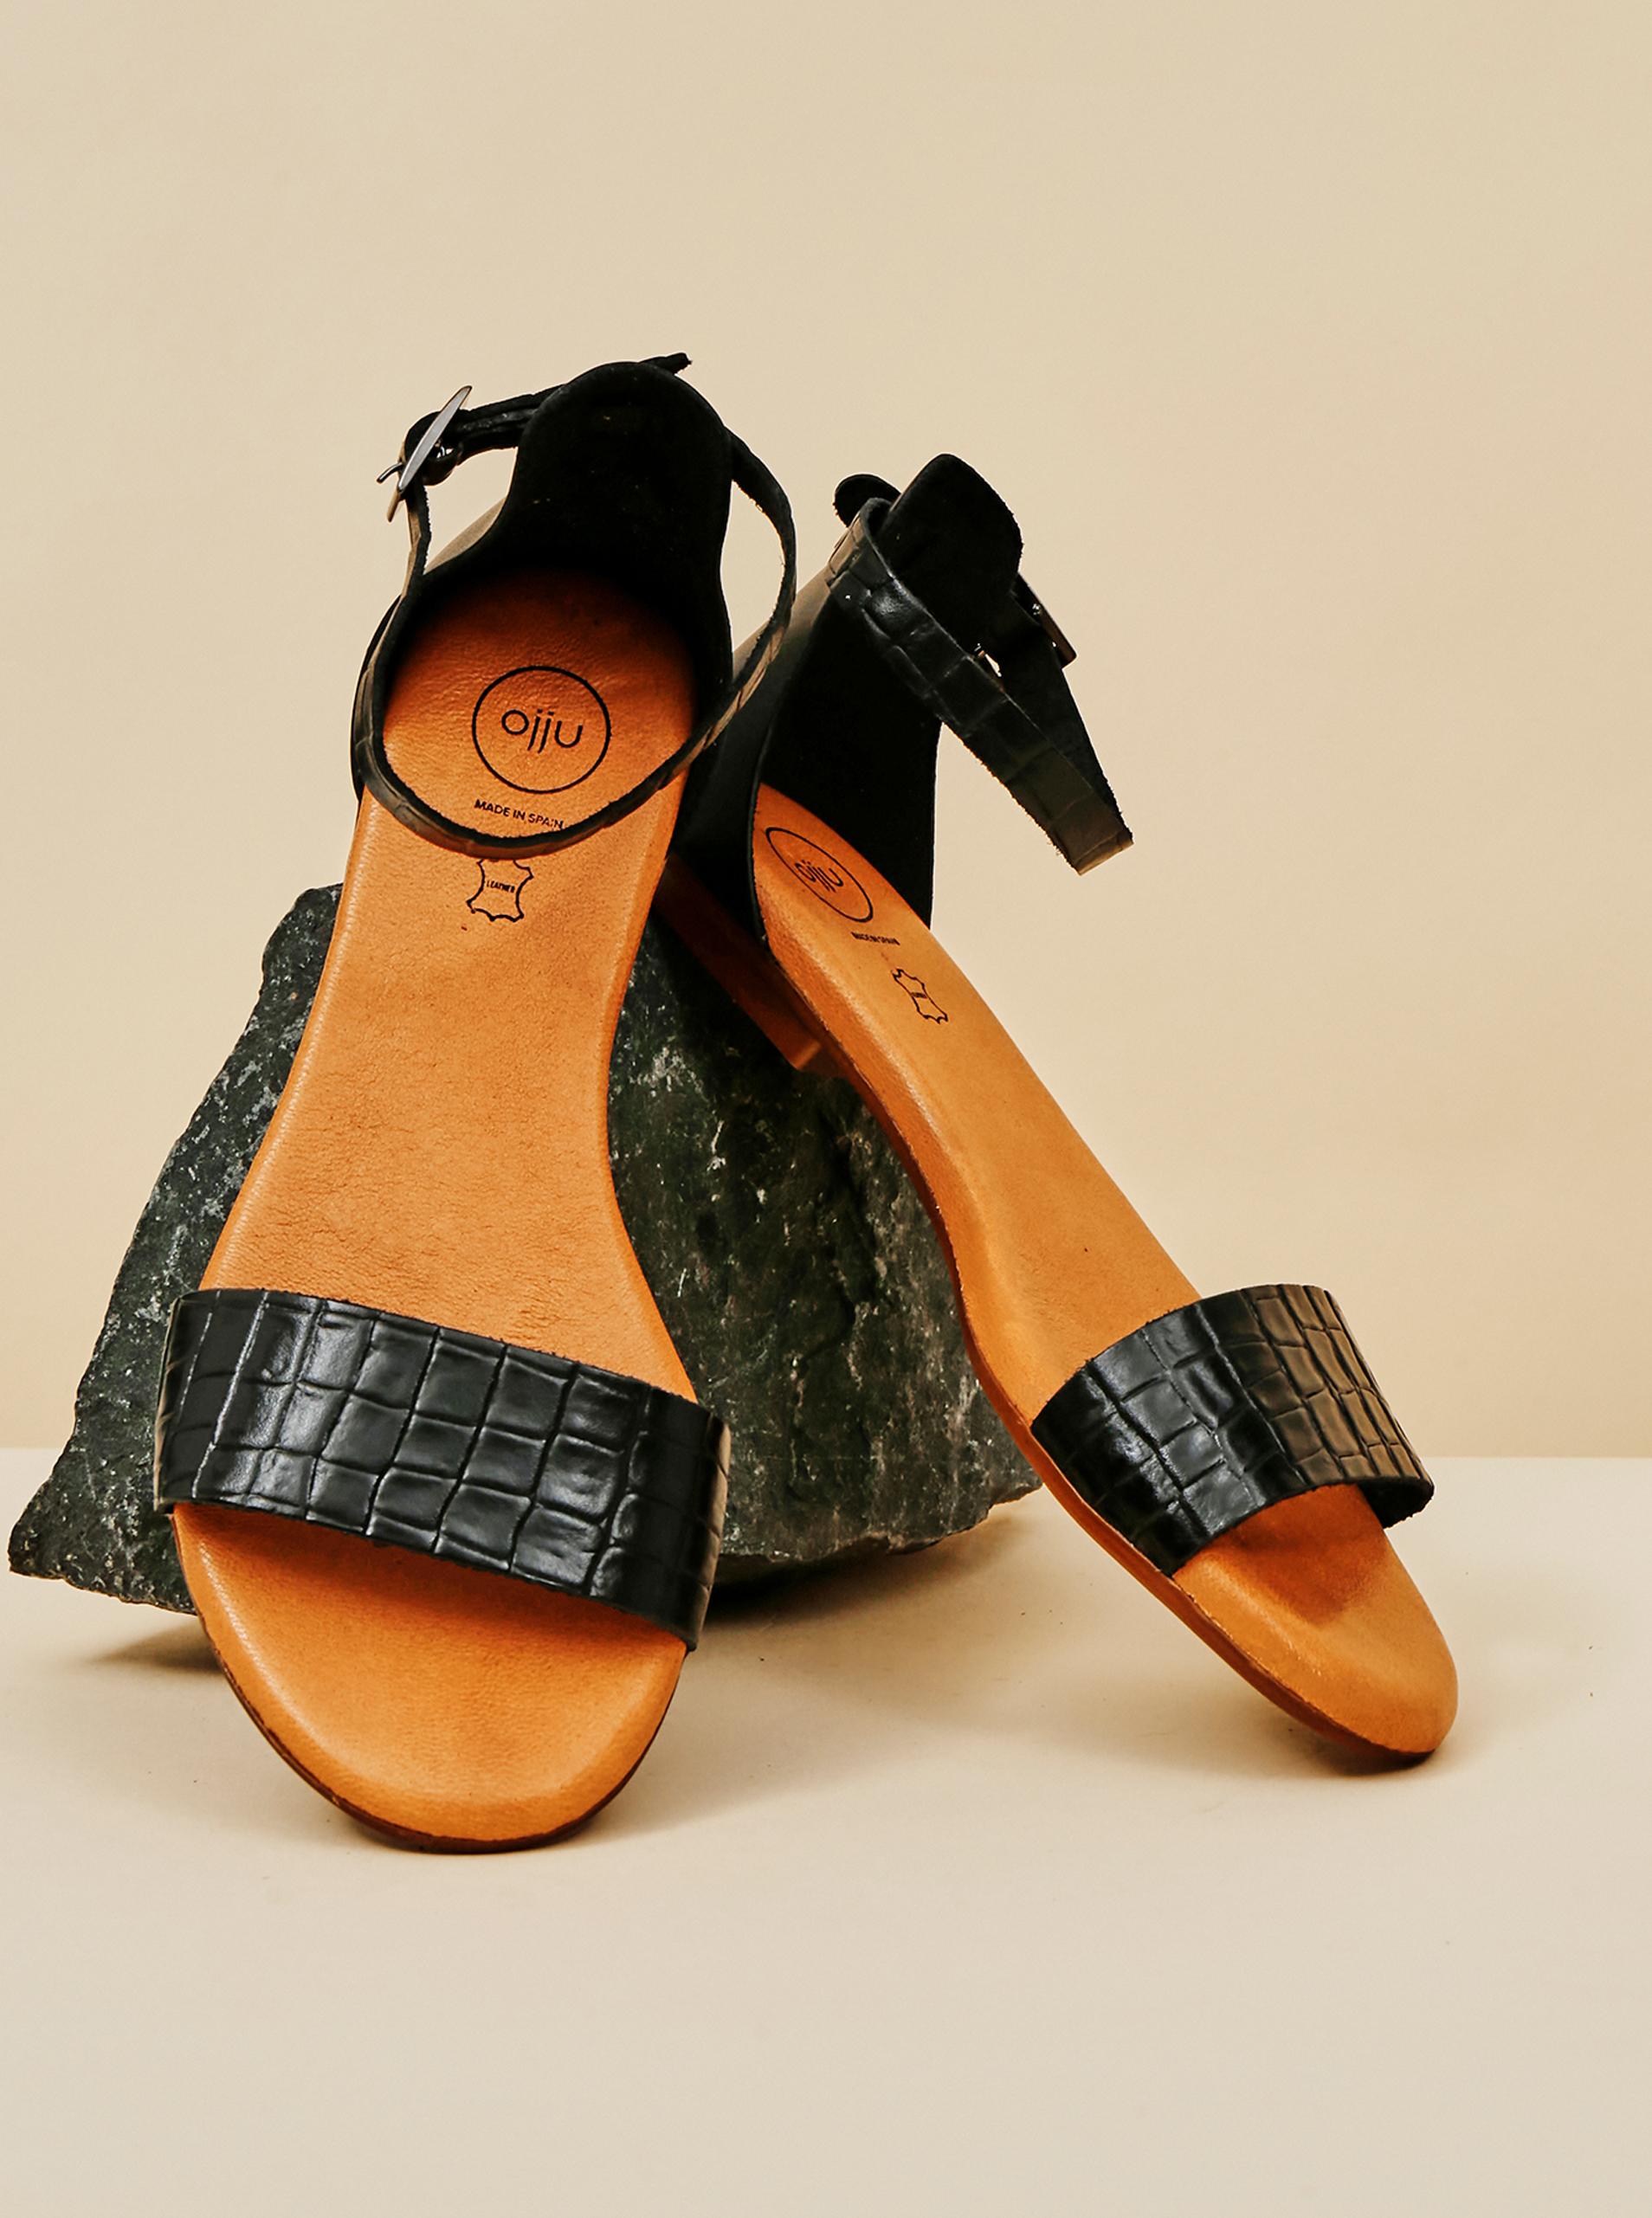 Čierne dámske vzorované kožené sandále OJJU - 40